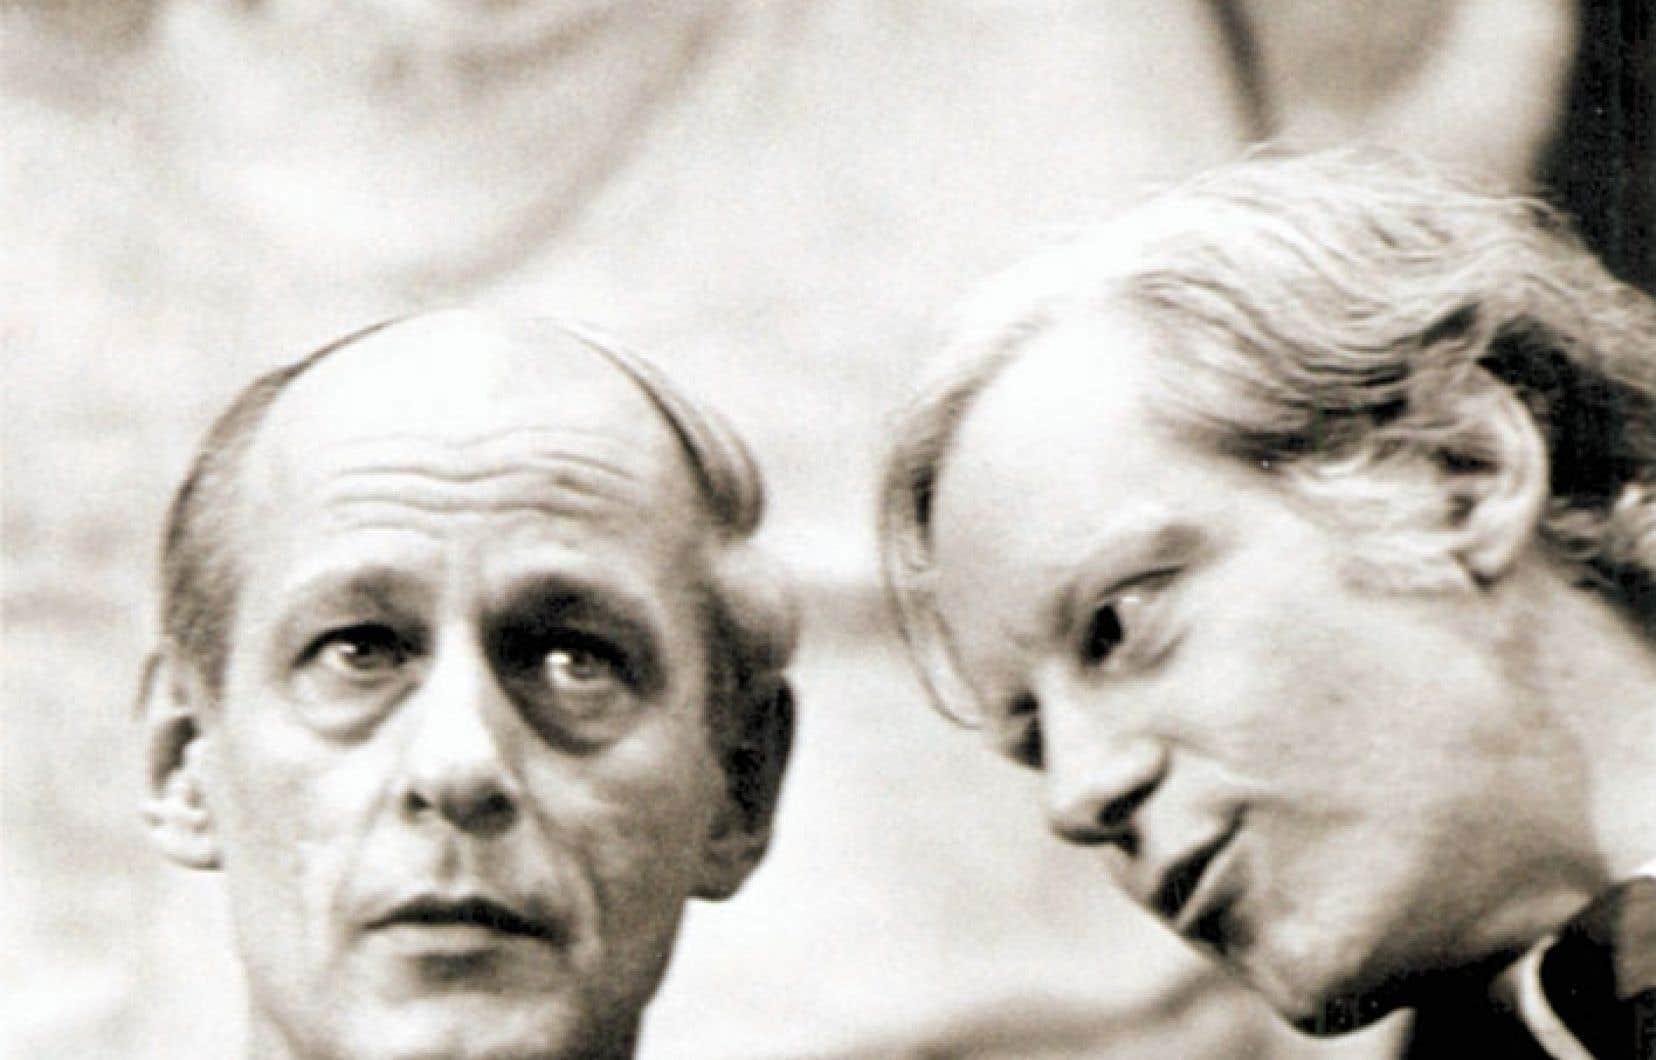 Deux figures importantes du mouvement souverainiste: René Lévesque et Pierre Bourgault, au début des années 70.